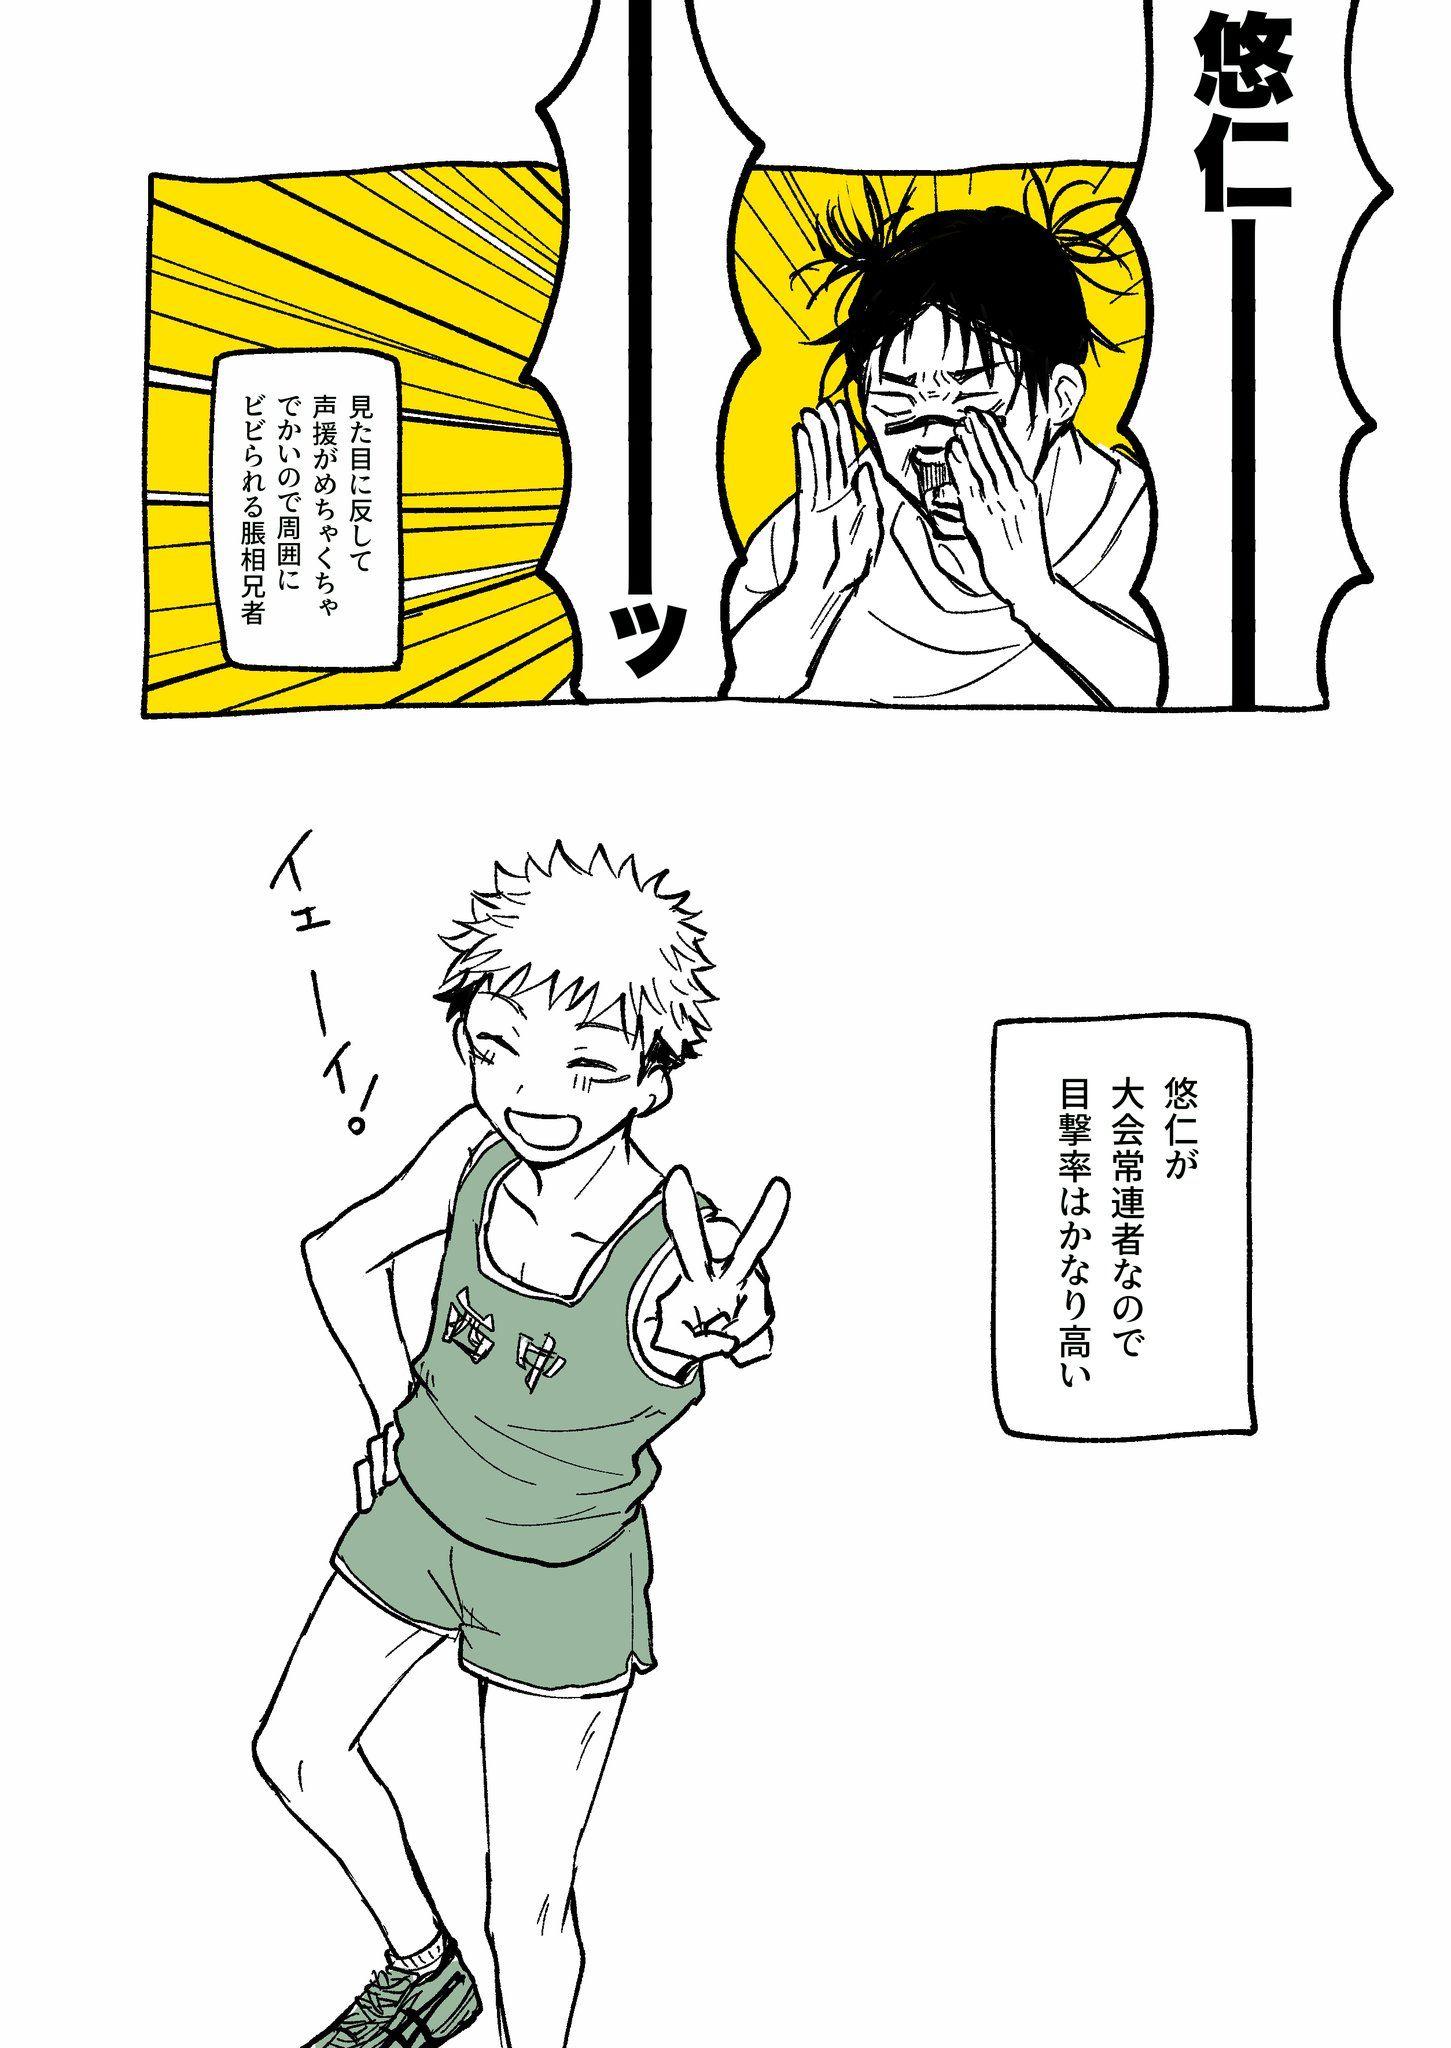 twitter manga jujutsu comics